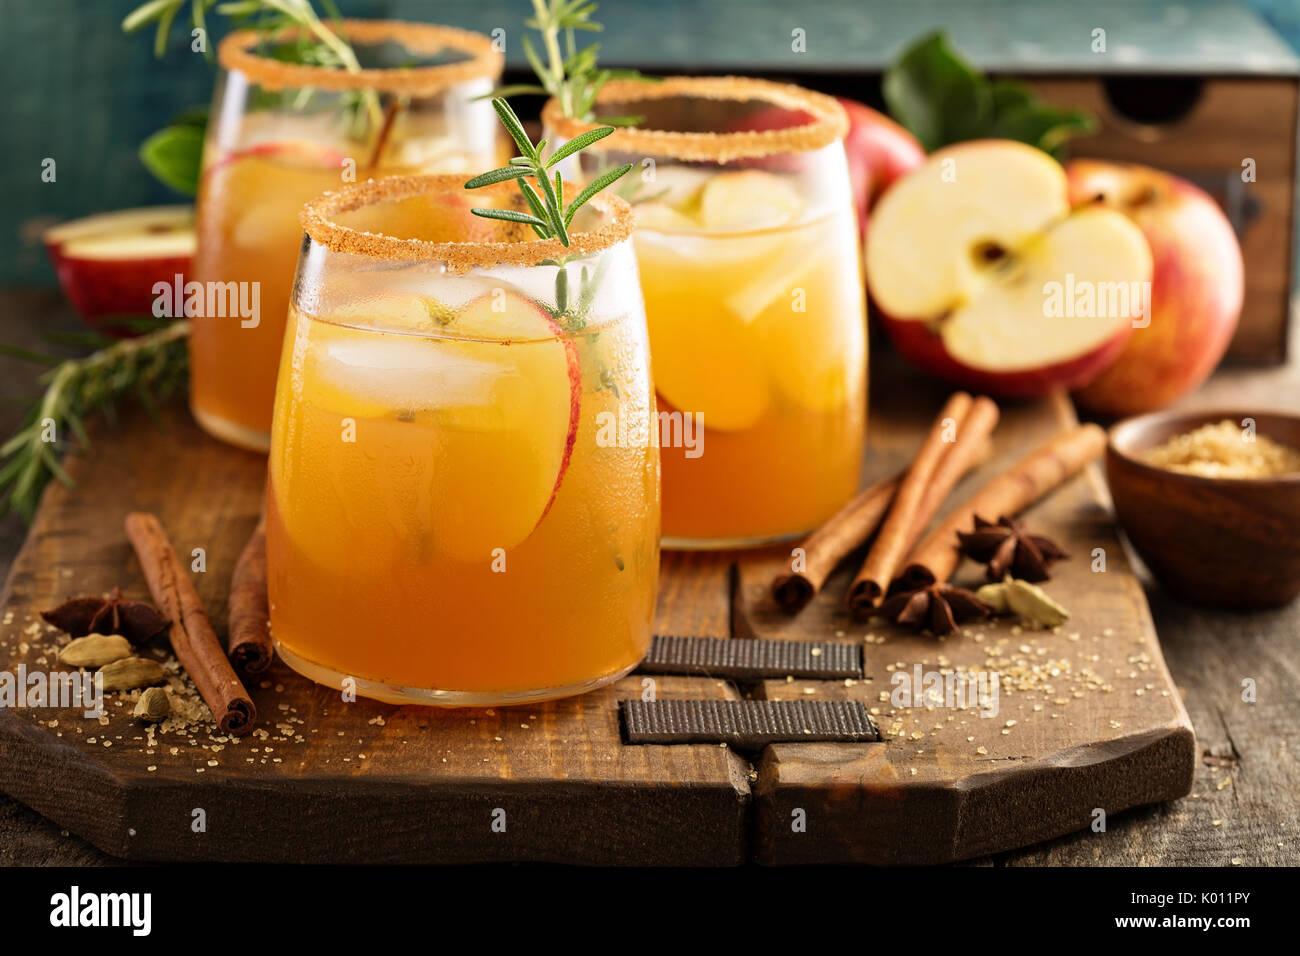 Cocktail de cidre dur avec des épices d'automne Photo Stock